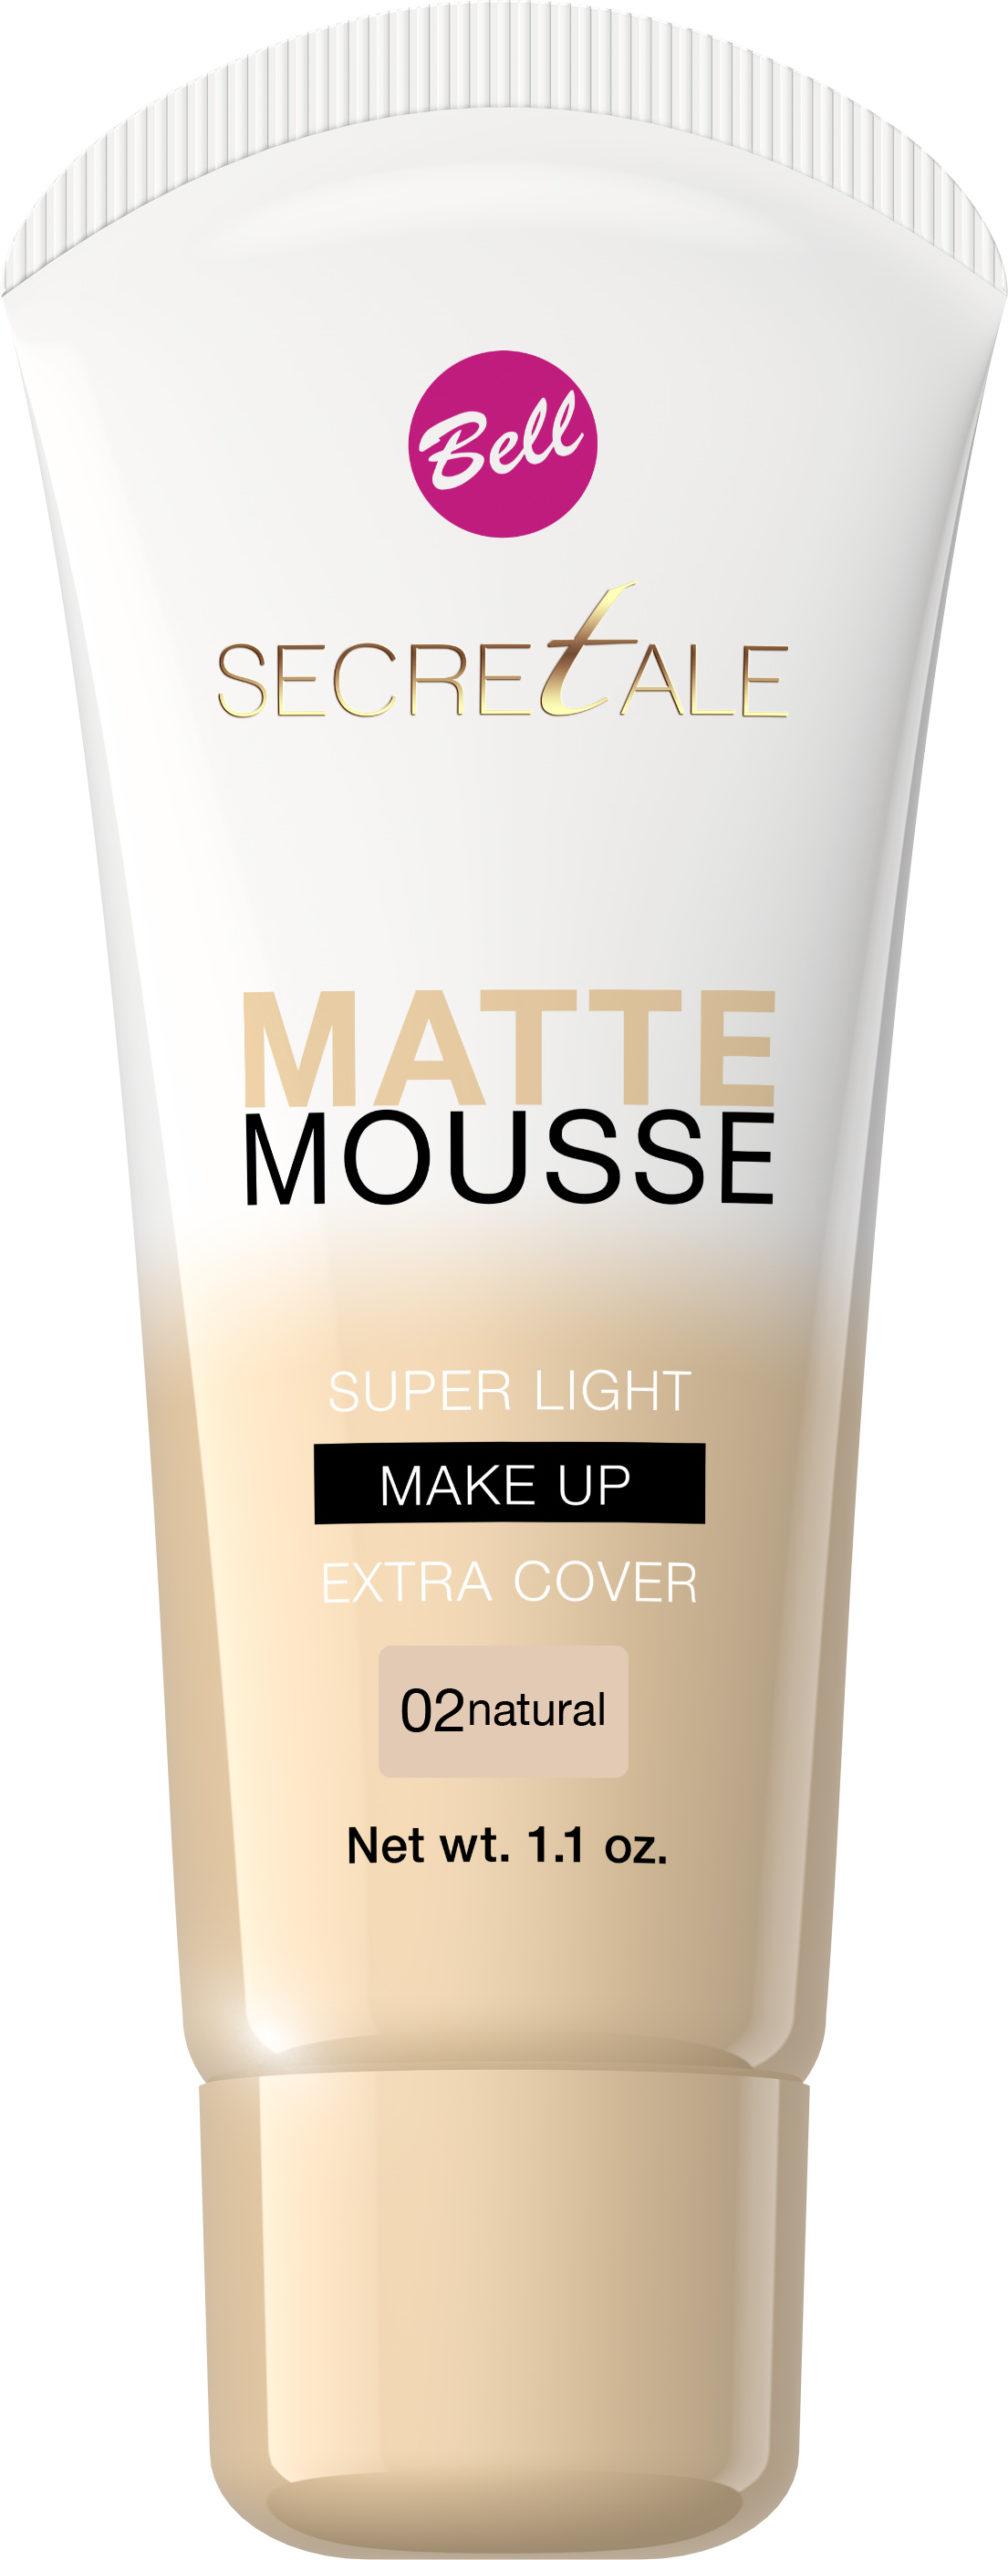 Secretale Matte Mousse Make-up